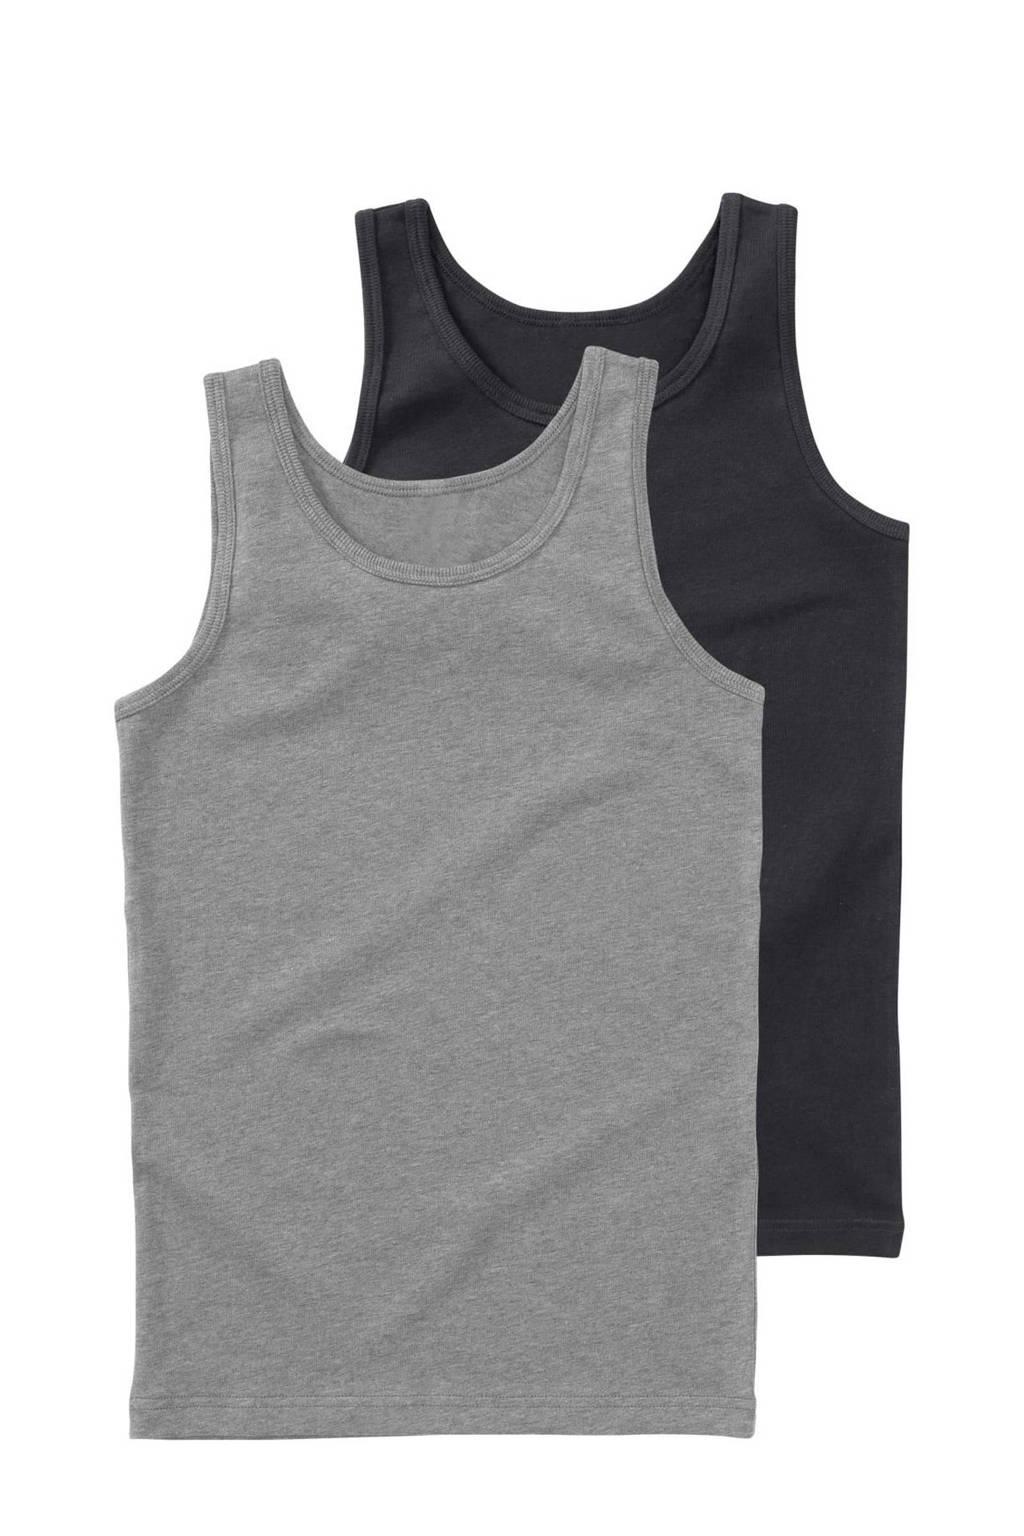 HEMA hemd - set van 2, Grijs/antraciet